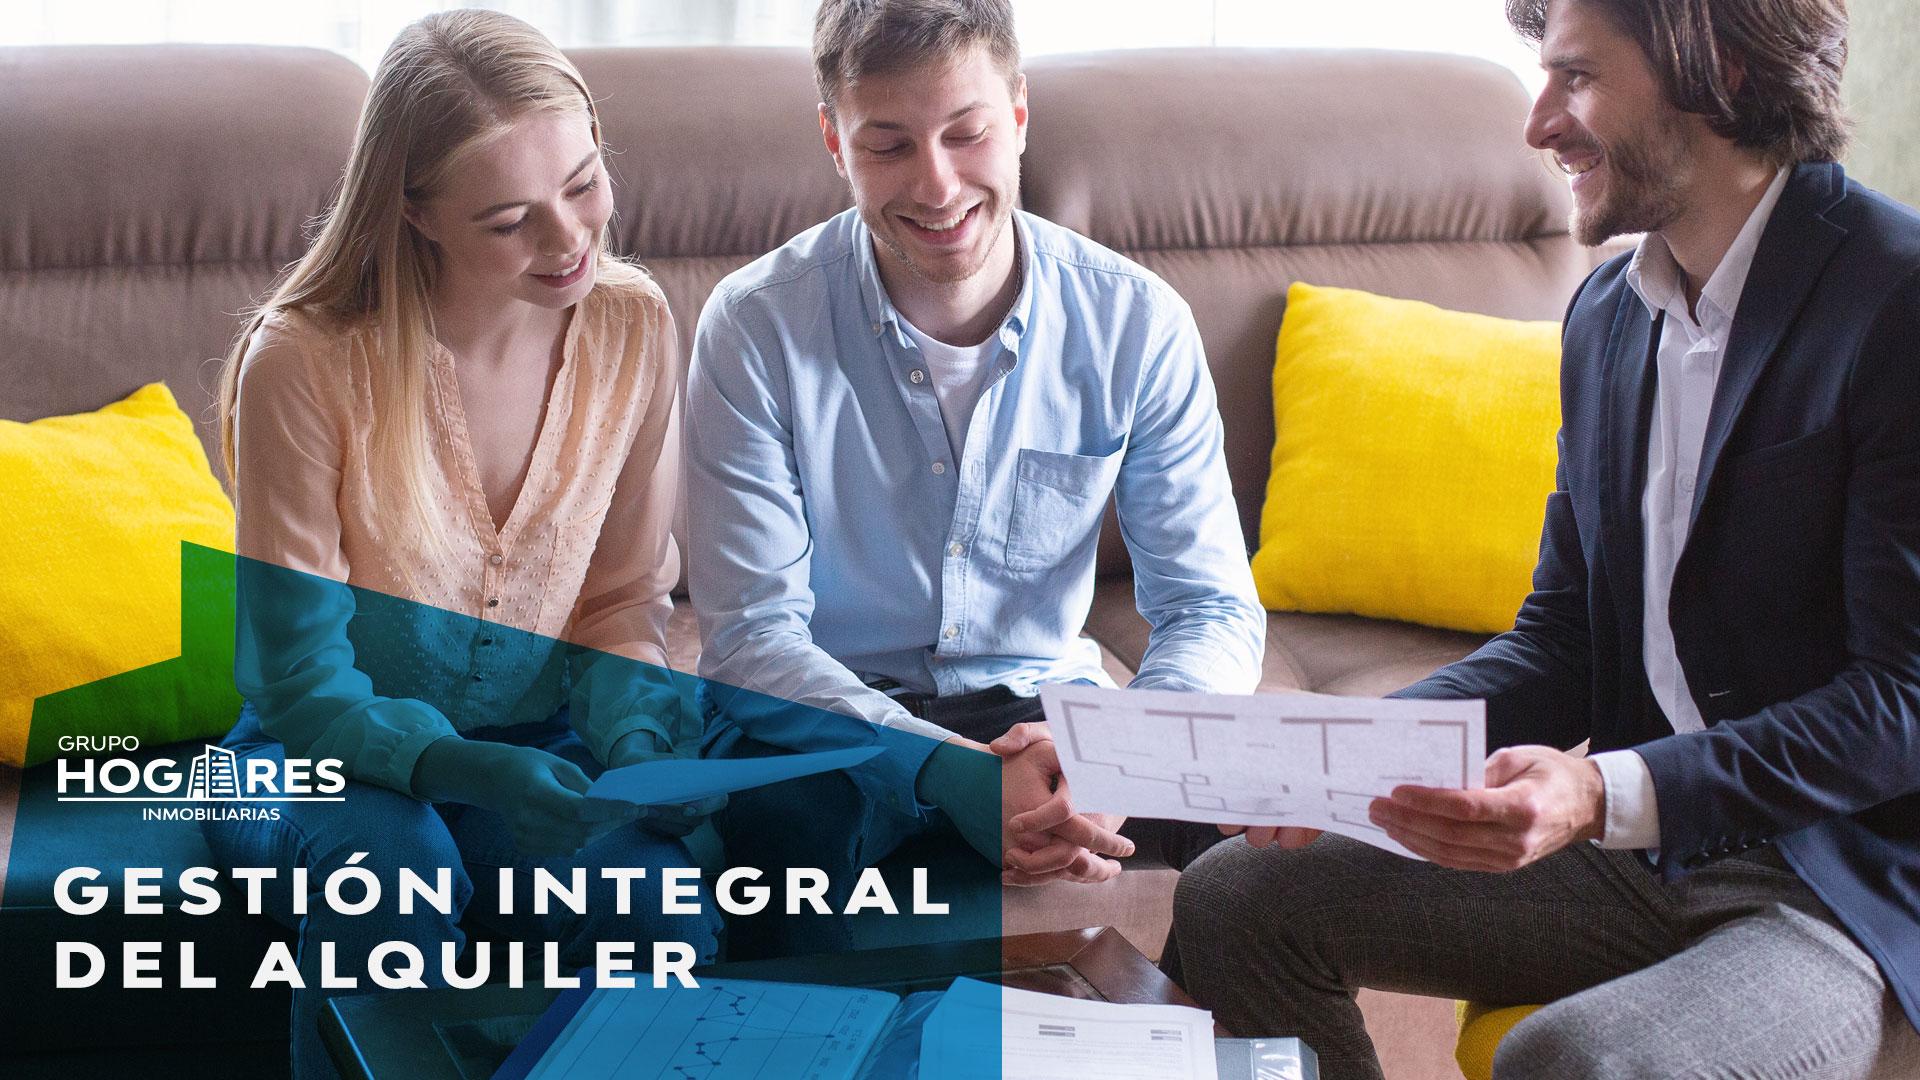 Gestión Integral del alquiler